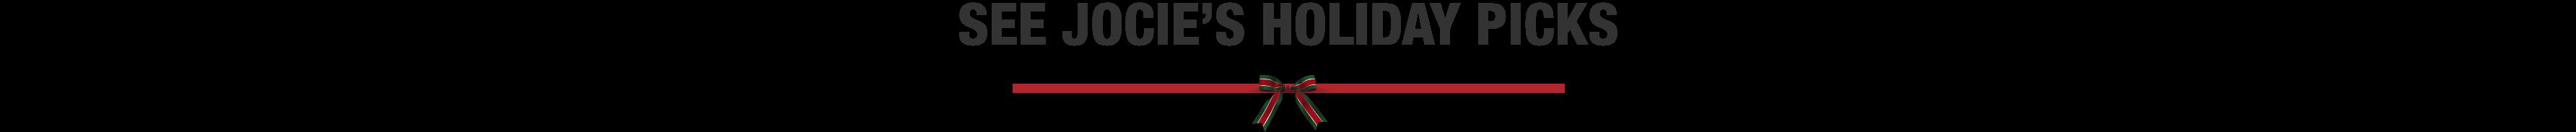 See Jocie's Holiday Picks